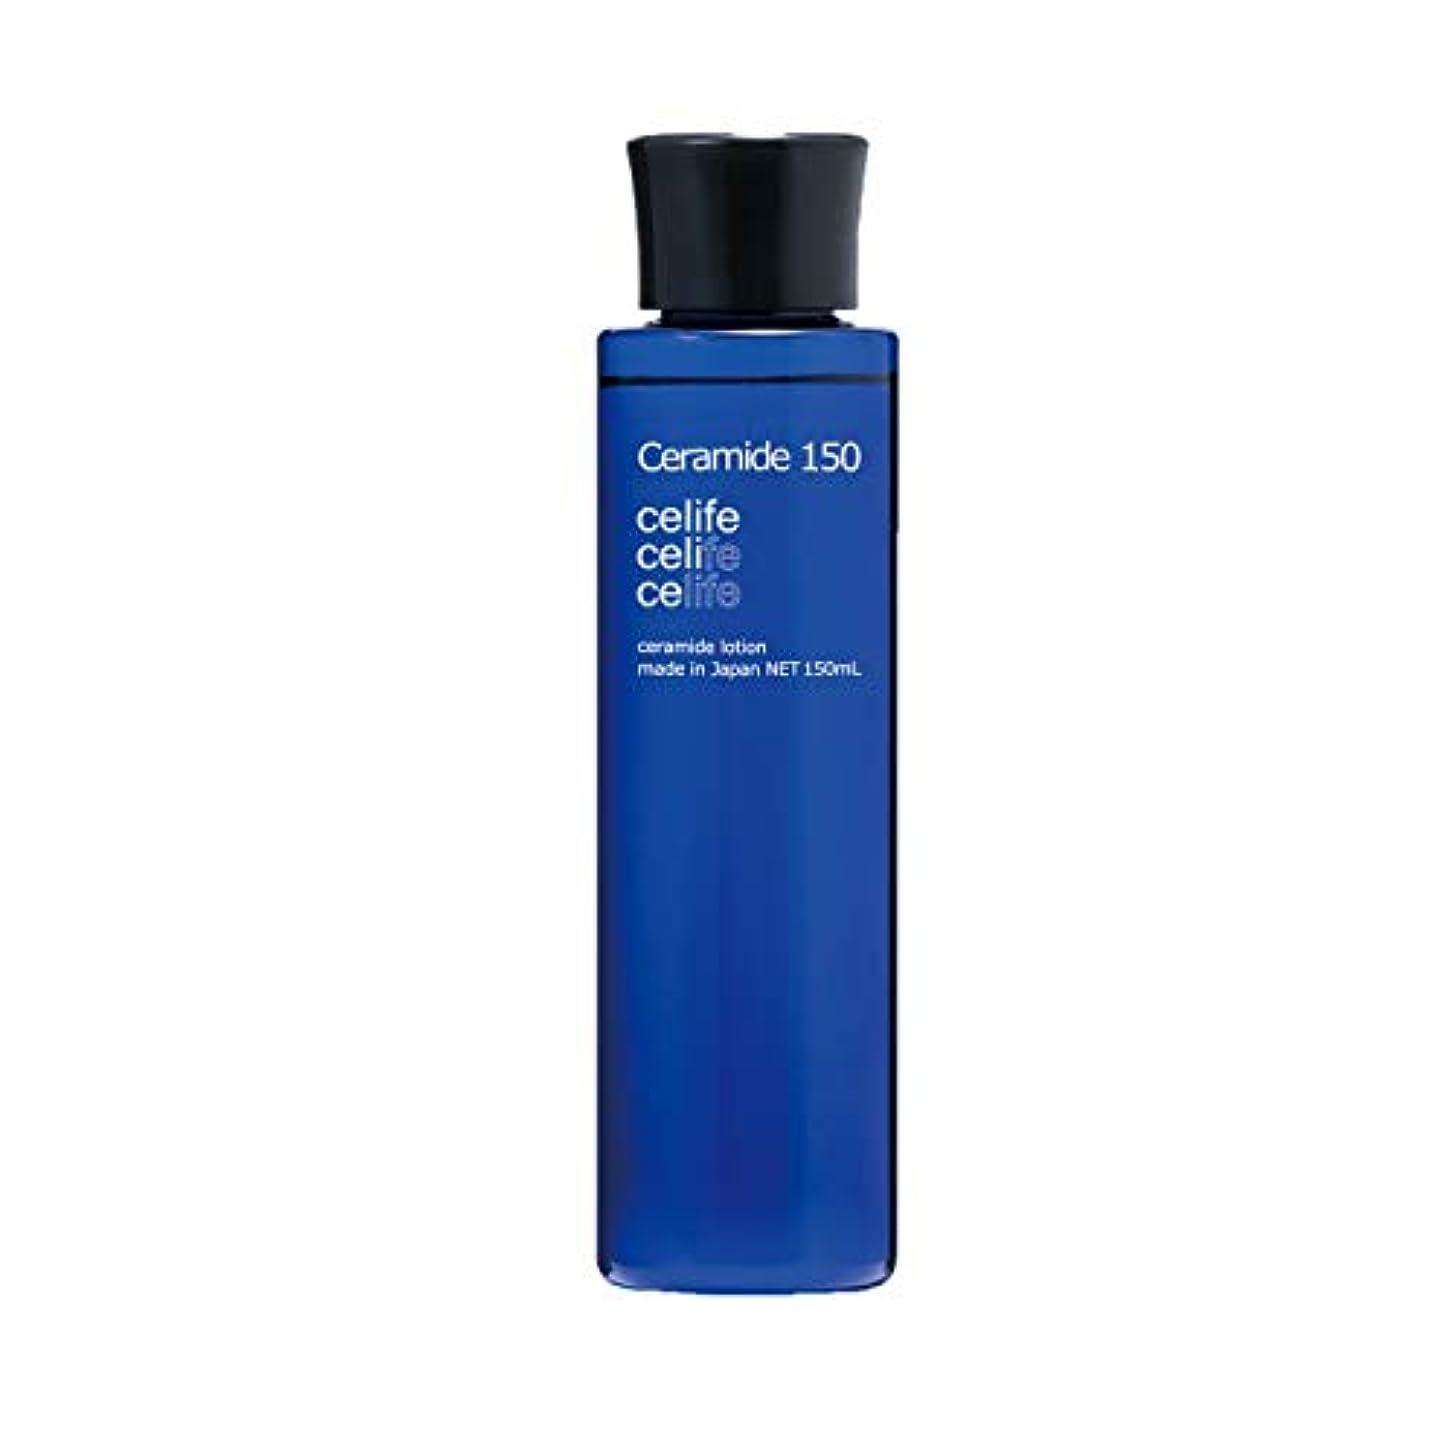 騙すエミュレーション品揃えcelife 天然セラミド配合化粧水 セラミド 150